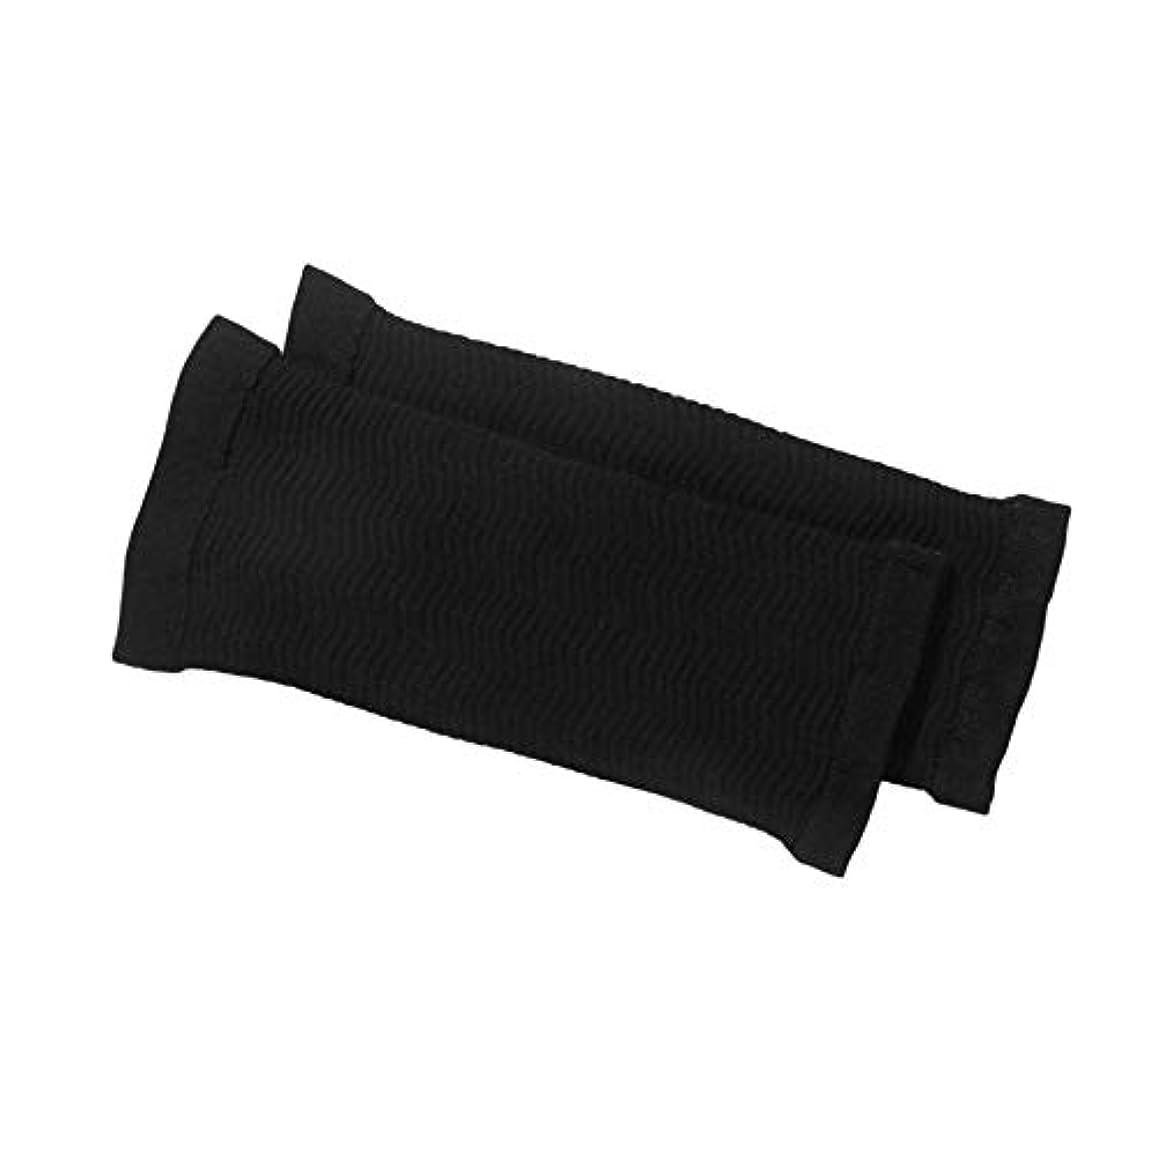 乗算新しさ笑い1ペア420 D圧縮痩身アームスリーブワークアウトトーニングバーンセルライトシェイパー脂肪燃焼袖用女性 - 黒